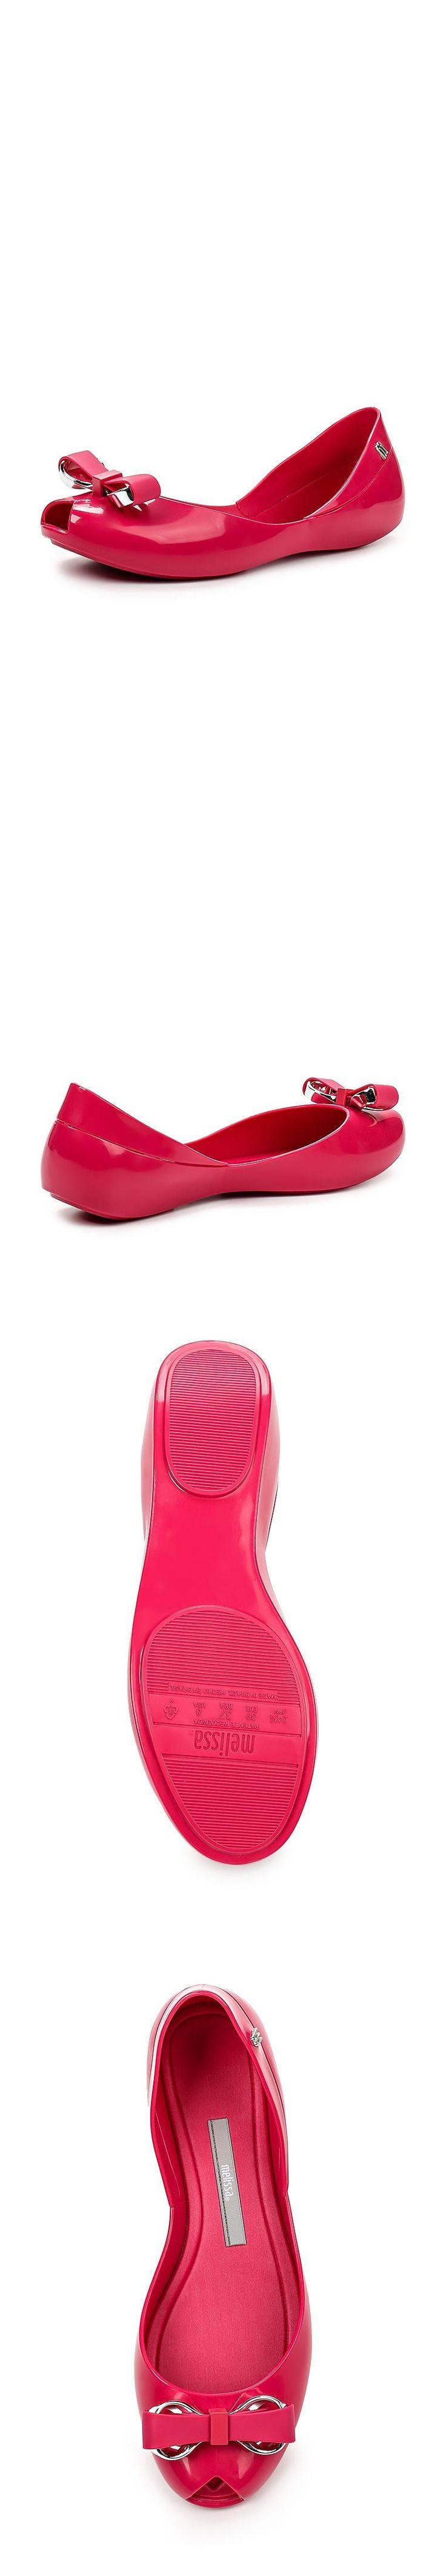 Женская обувь балетки Melissa за 4470.00 руб.